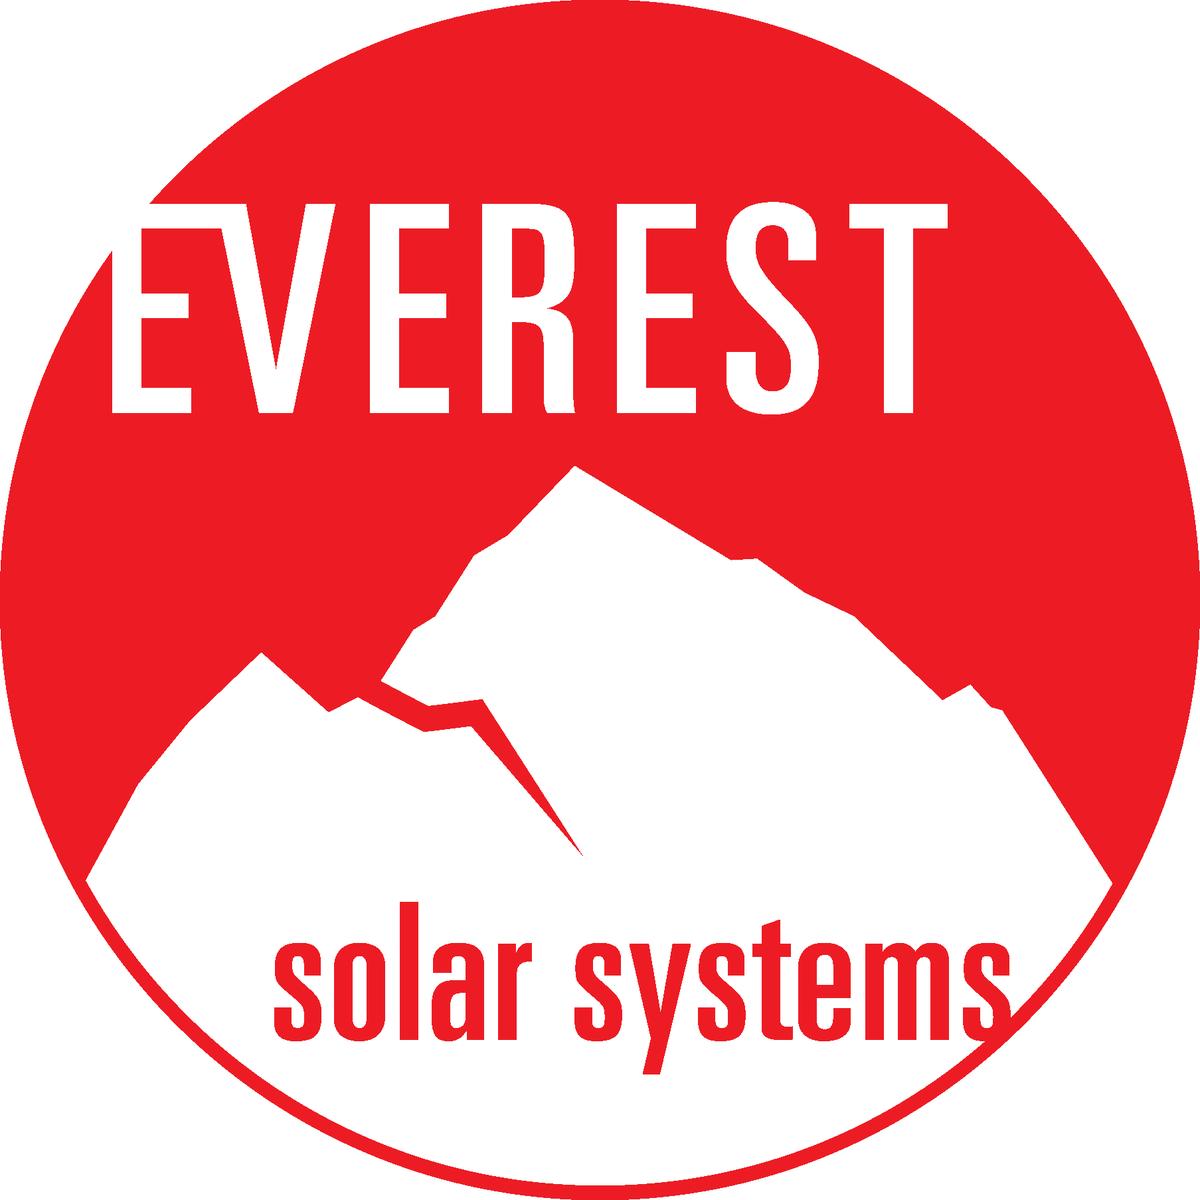 Everest CrossRail 80 166